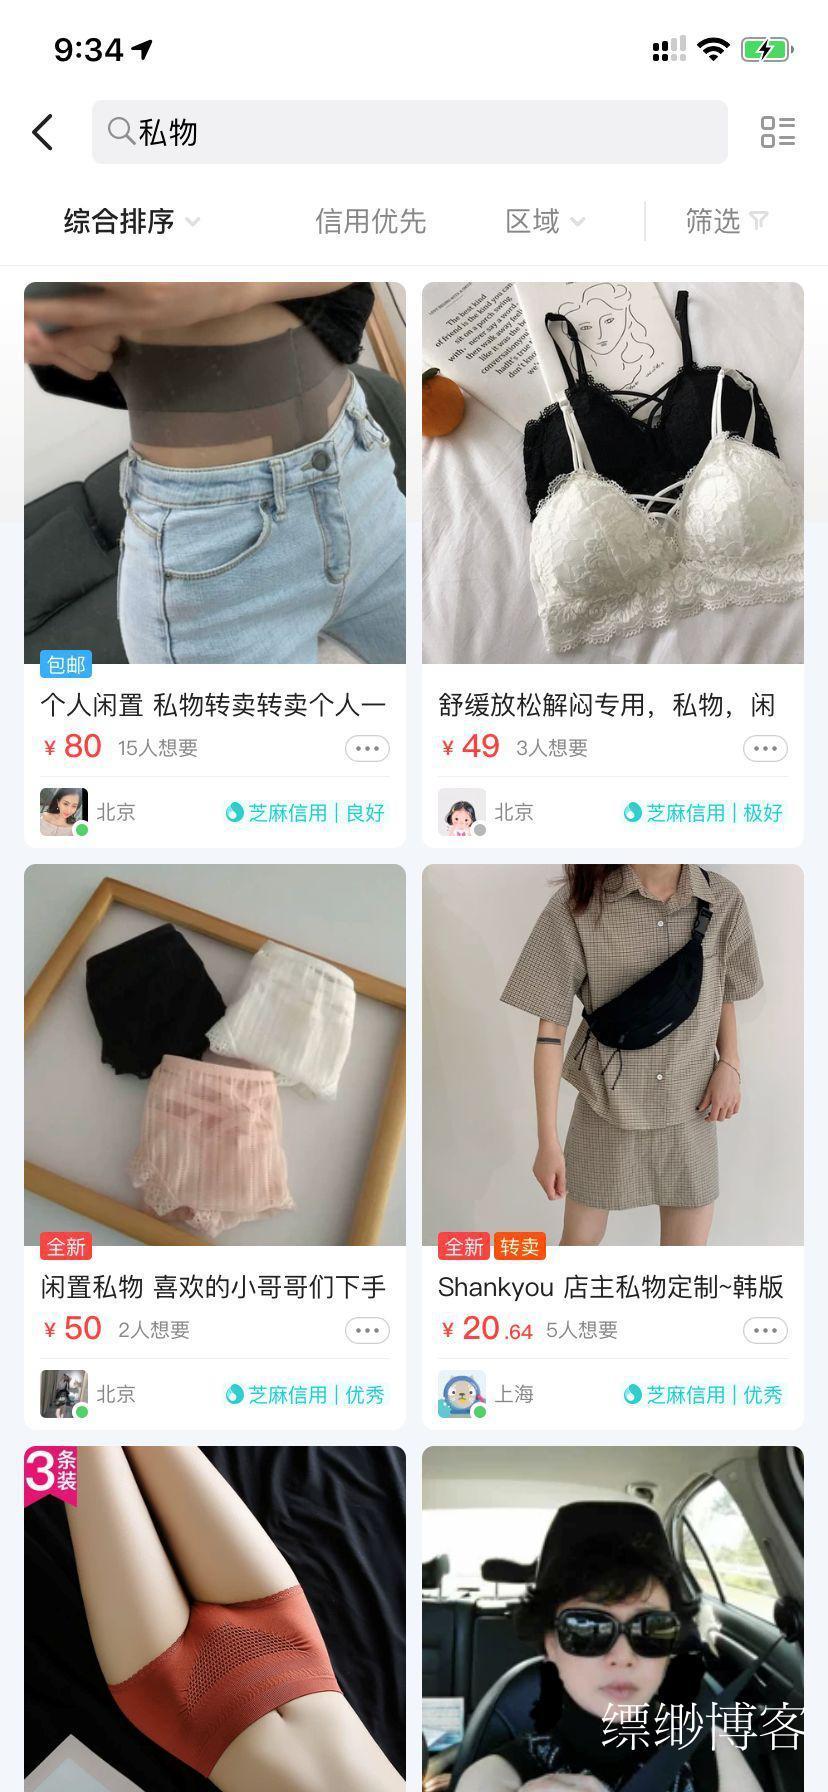 中国暗网-闲鱼里的毒品、禁药、性交易